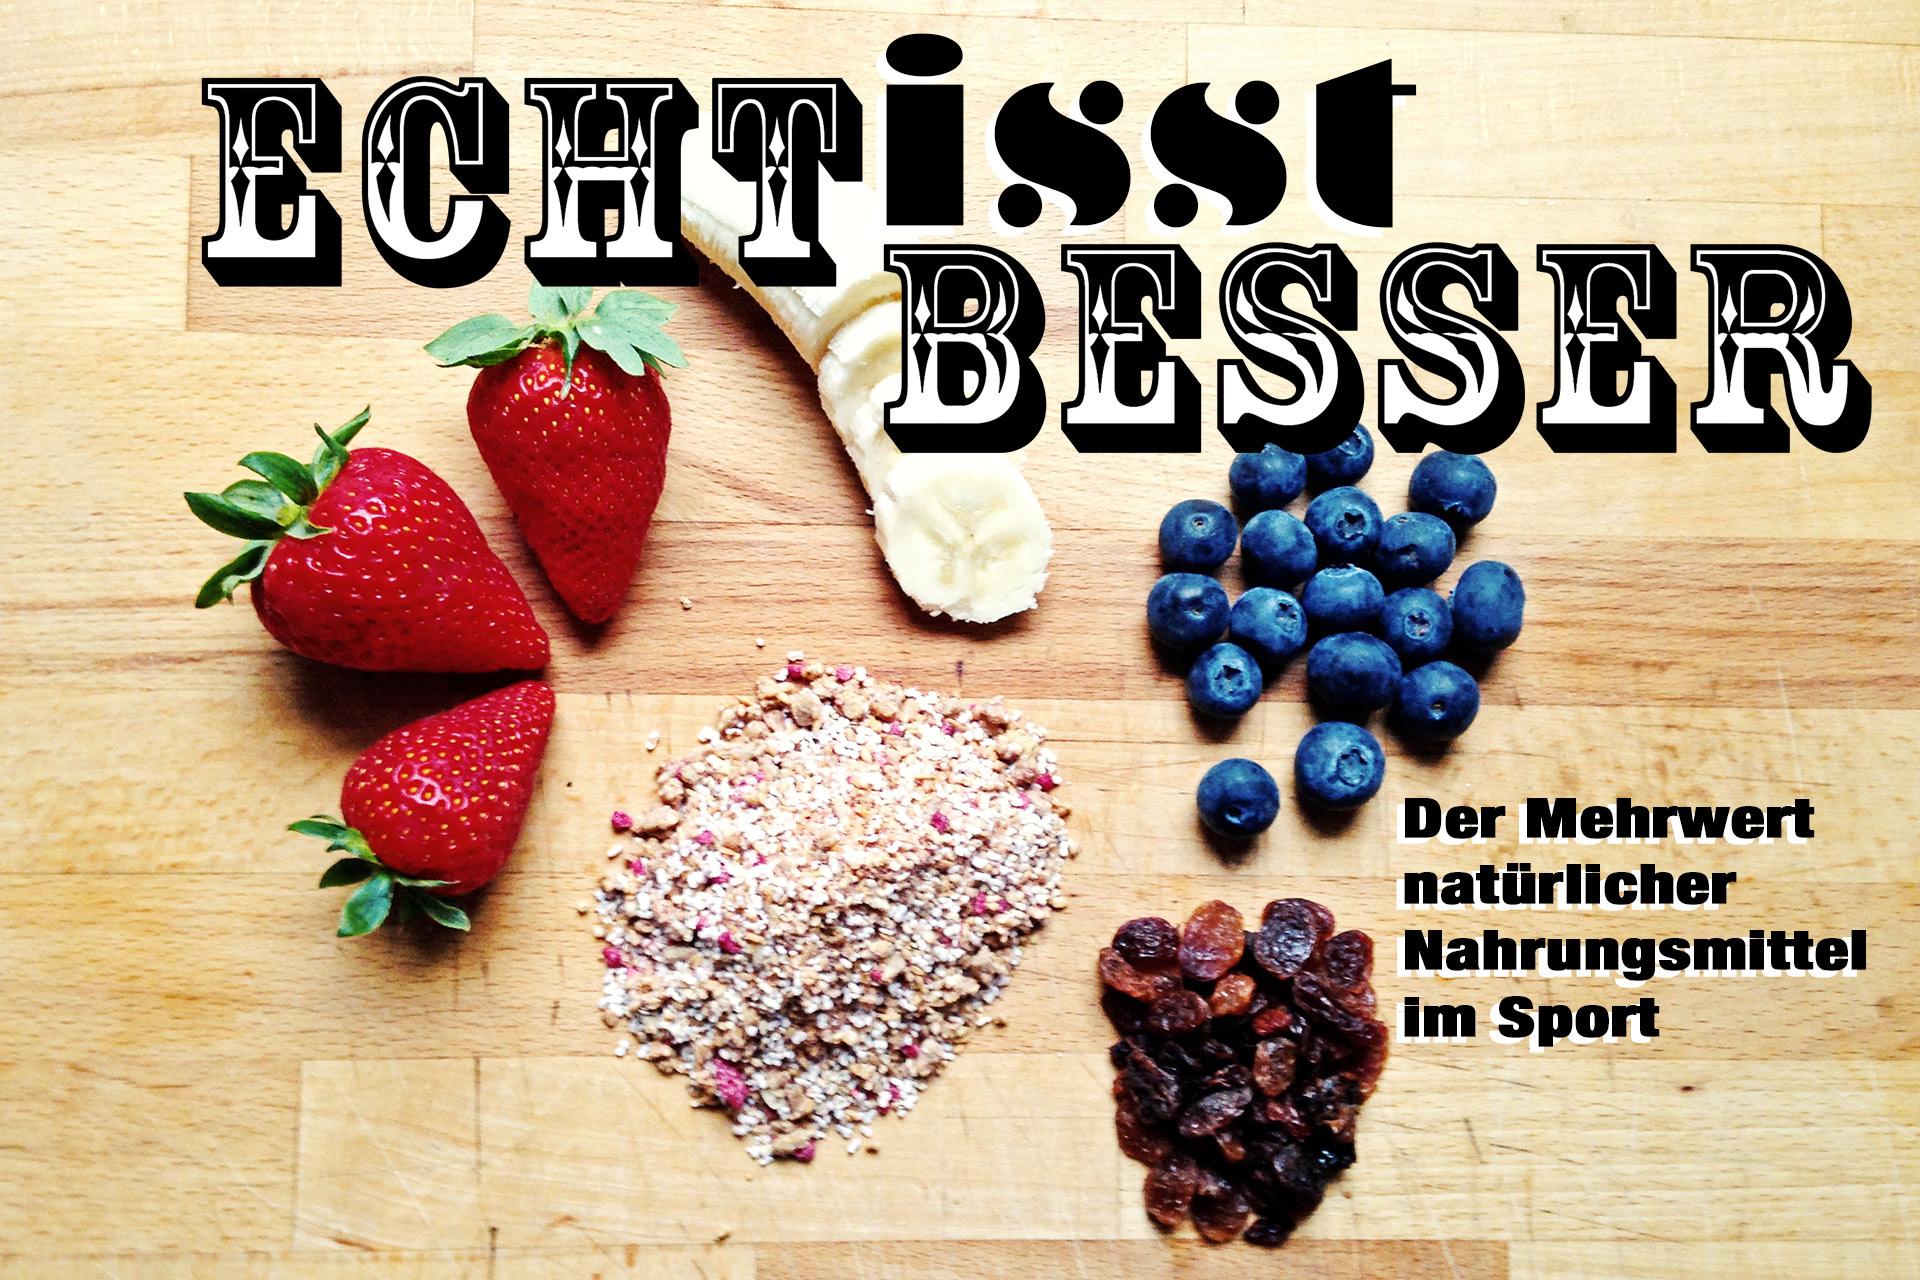 ECHT IS(S)T BESSER! Der Mehrwert natürlicher Nahrungsmittel im Sport